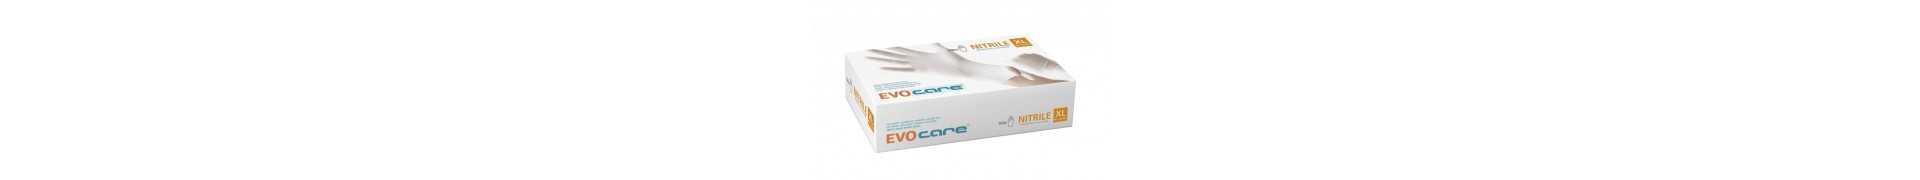 Gants de soins Nitrile   Gant sans latex de grande qualité !